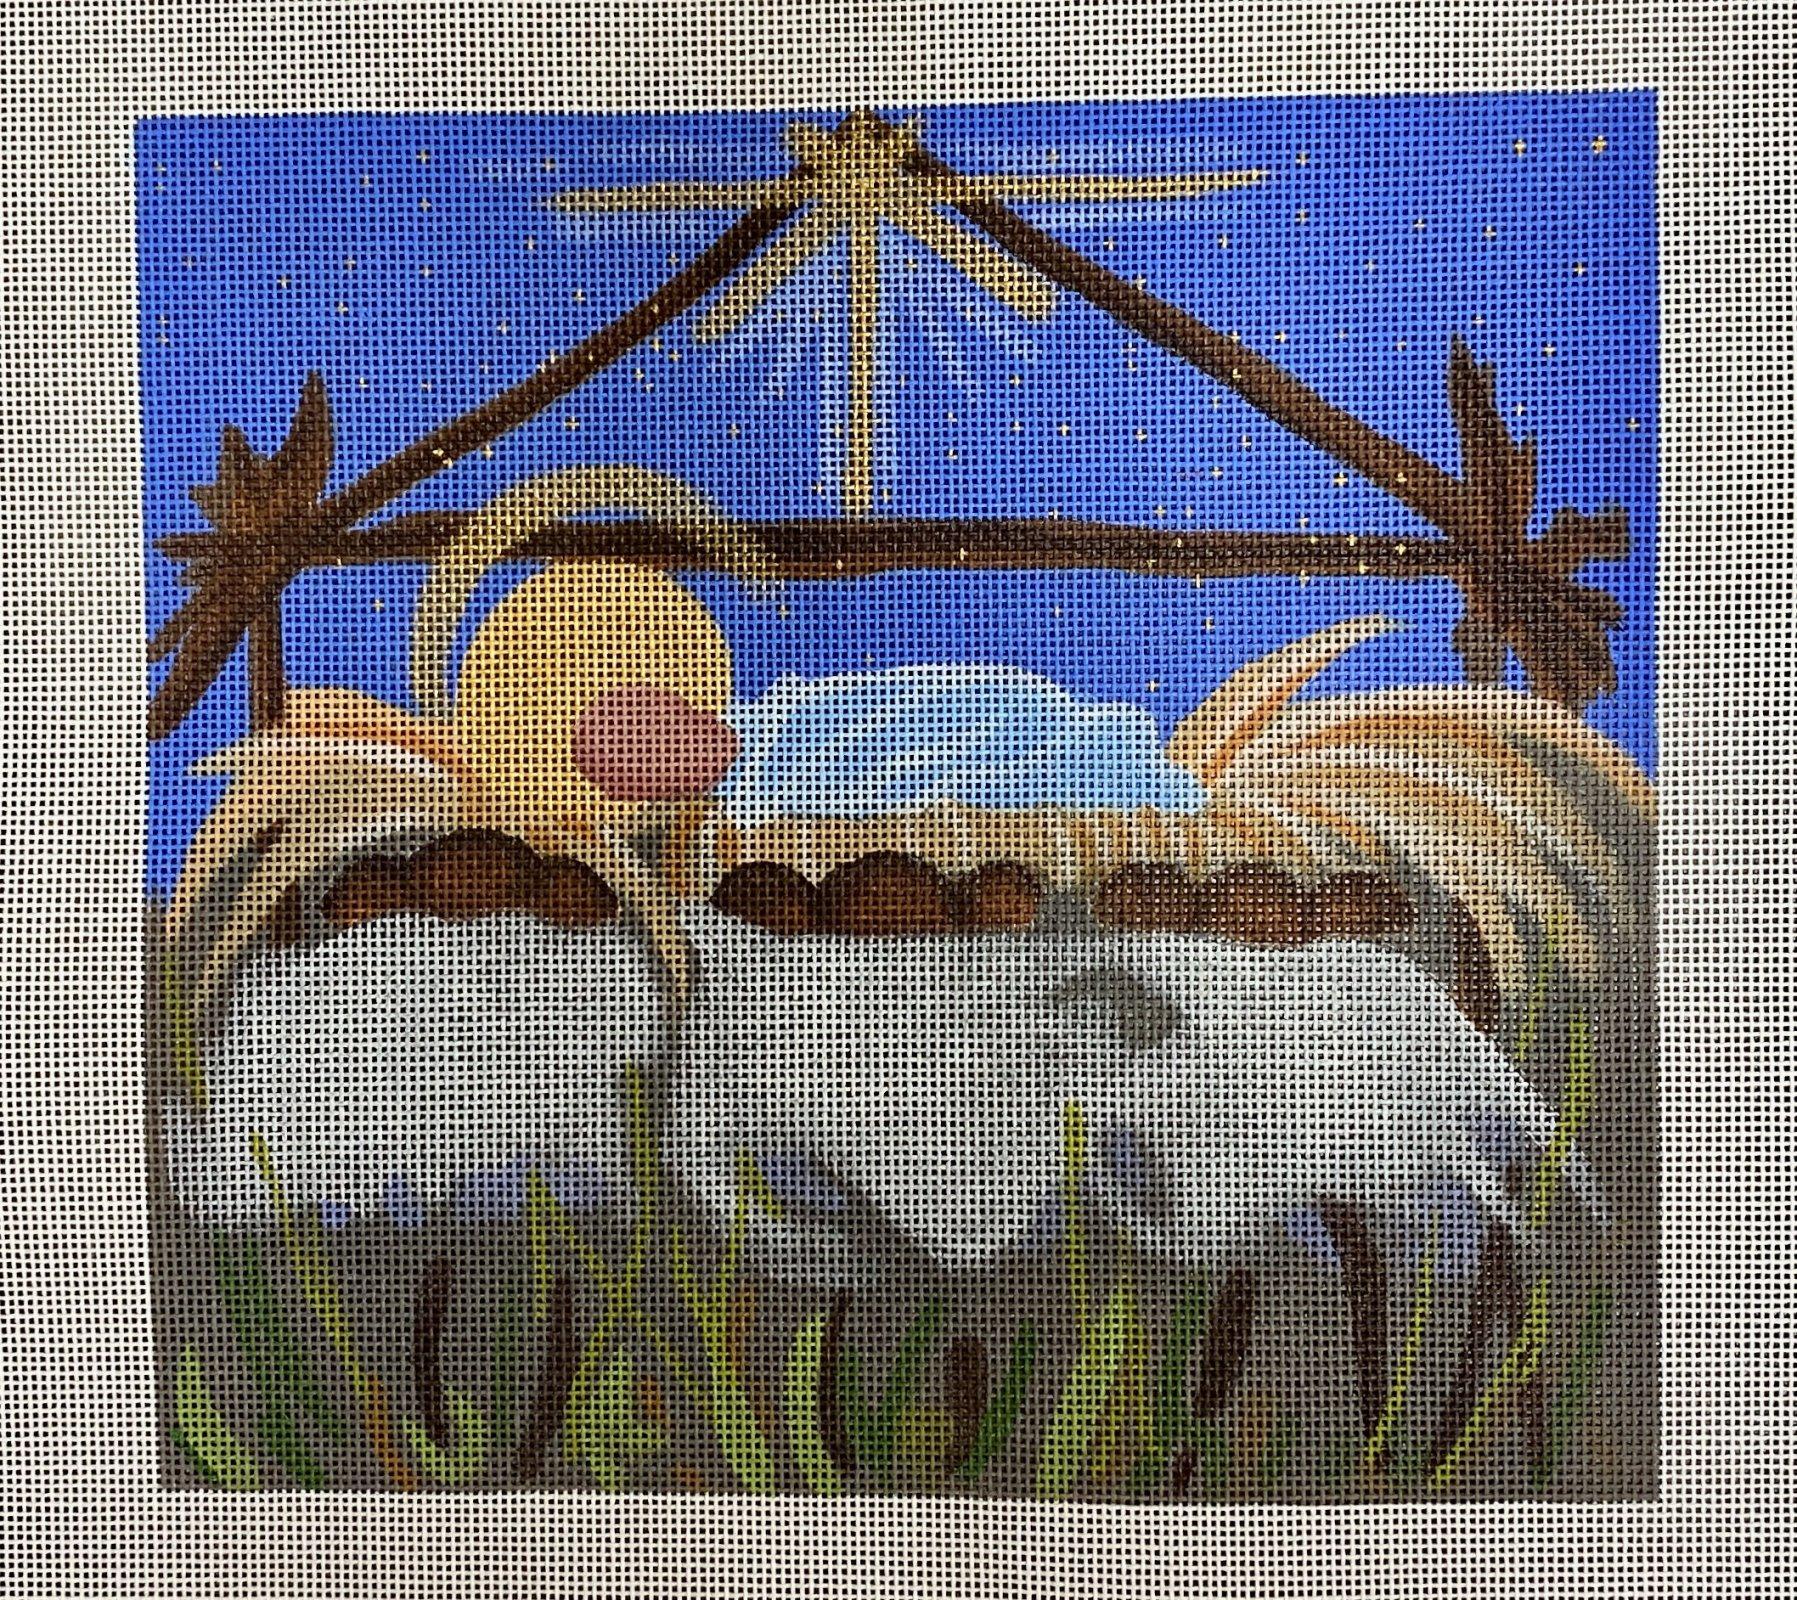 manger sheep